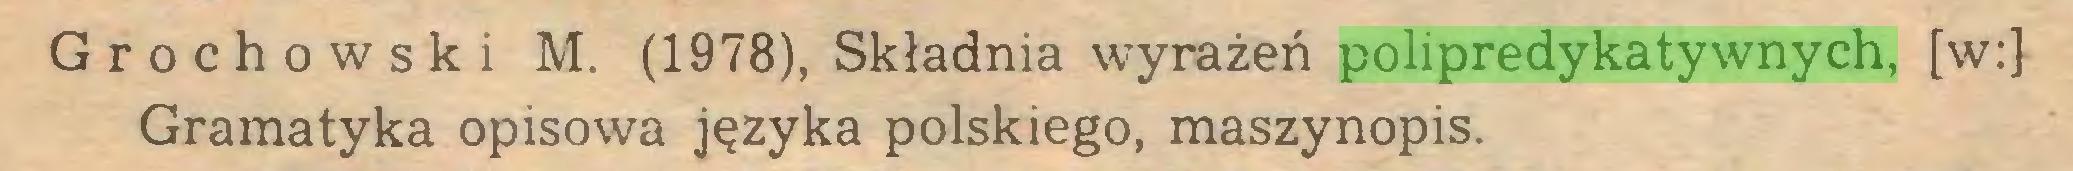 (...) Grochowski M. (1978), Składnia wyrażeń polipredykatywnych, [w:] Gramatyka opisowa języka polskiego, maszynopis...